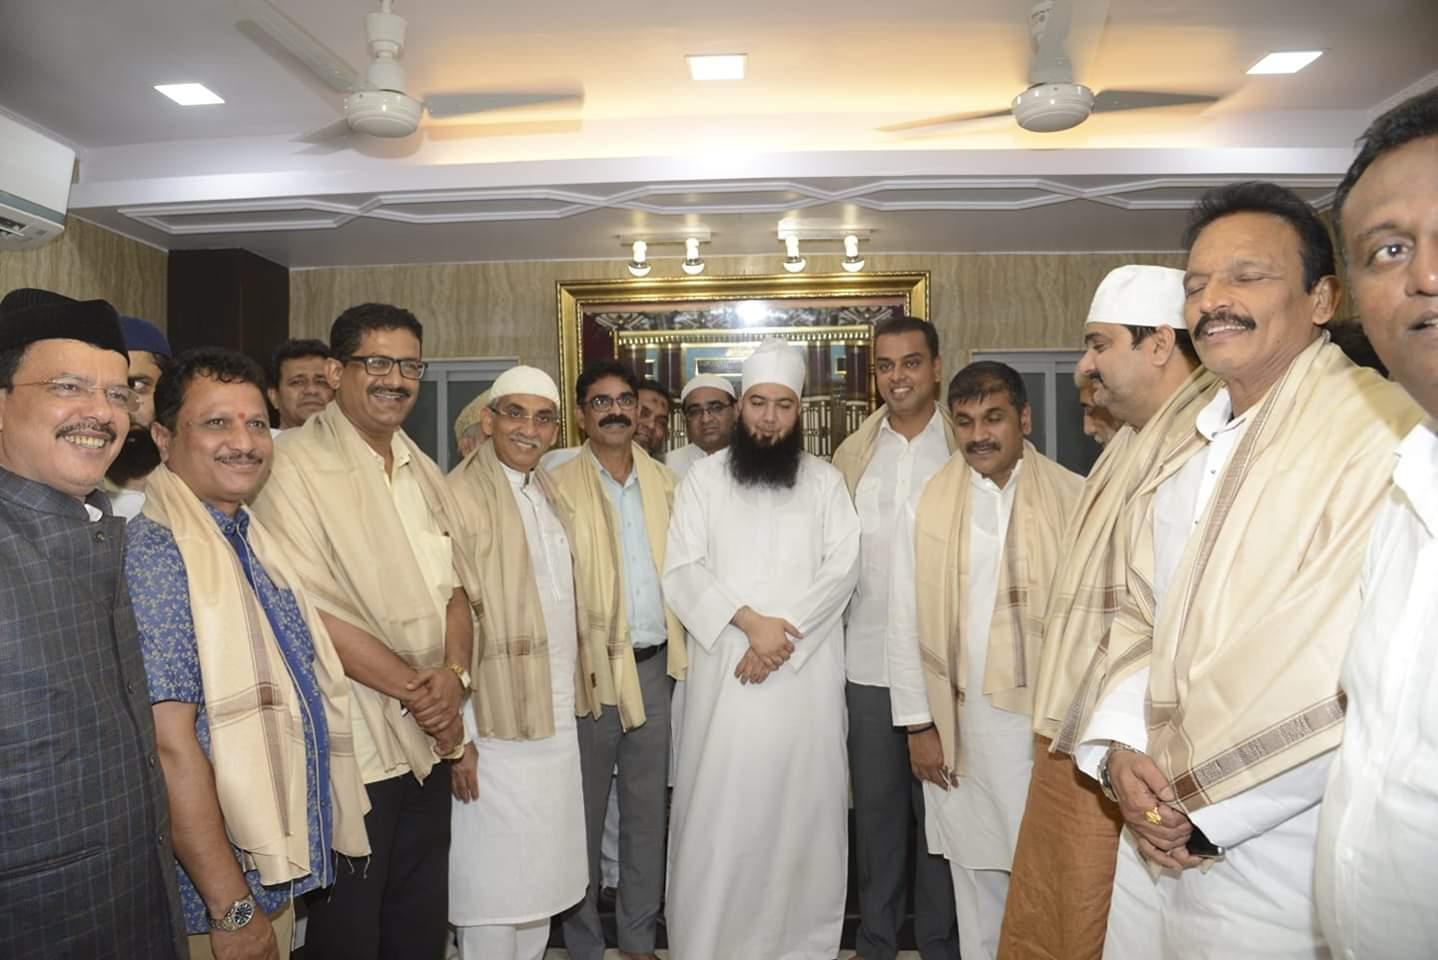 बंगाली बाबा की गुंडई में लगा घुन , बंगाली बाबा के फोटो बाज़ी कार्यक्रम में नहीं पहुंचे आईपीएस अफसर